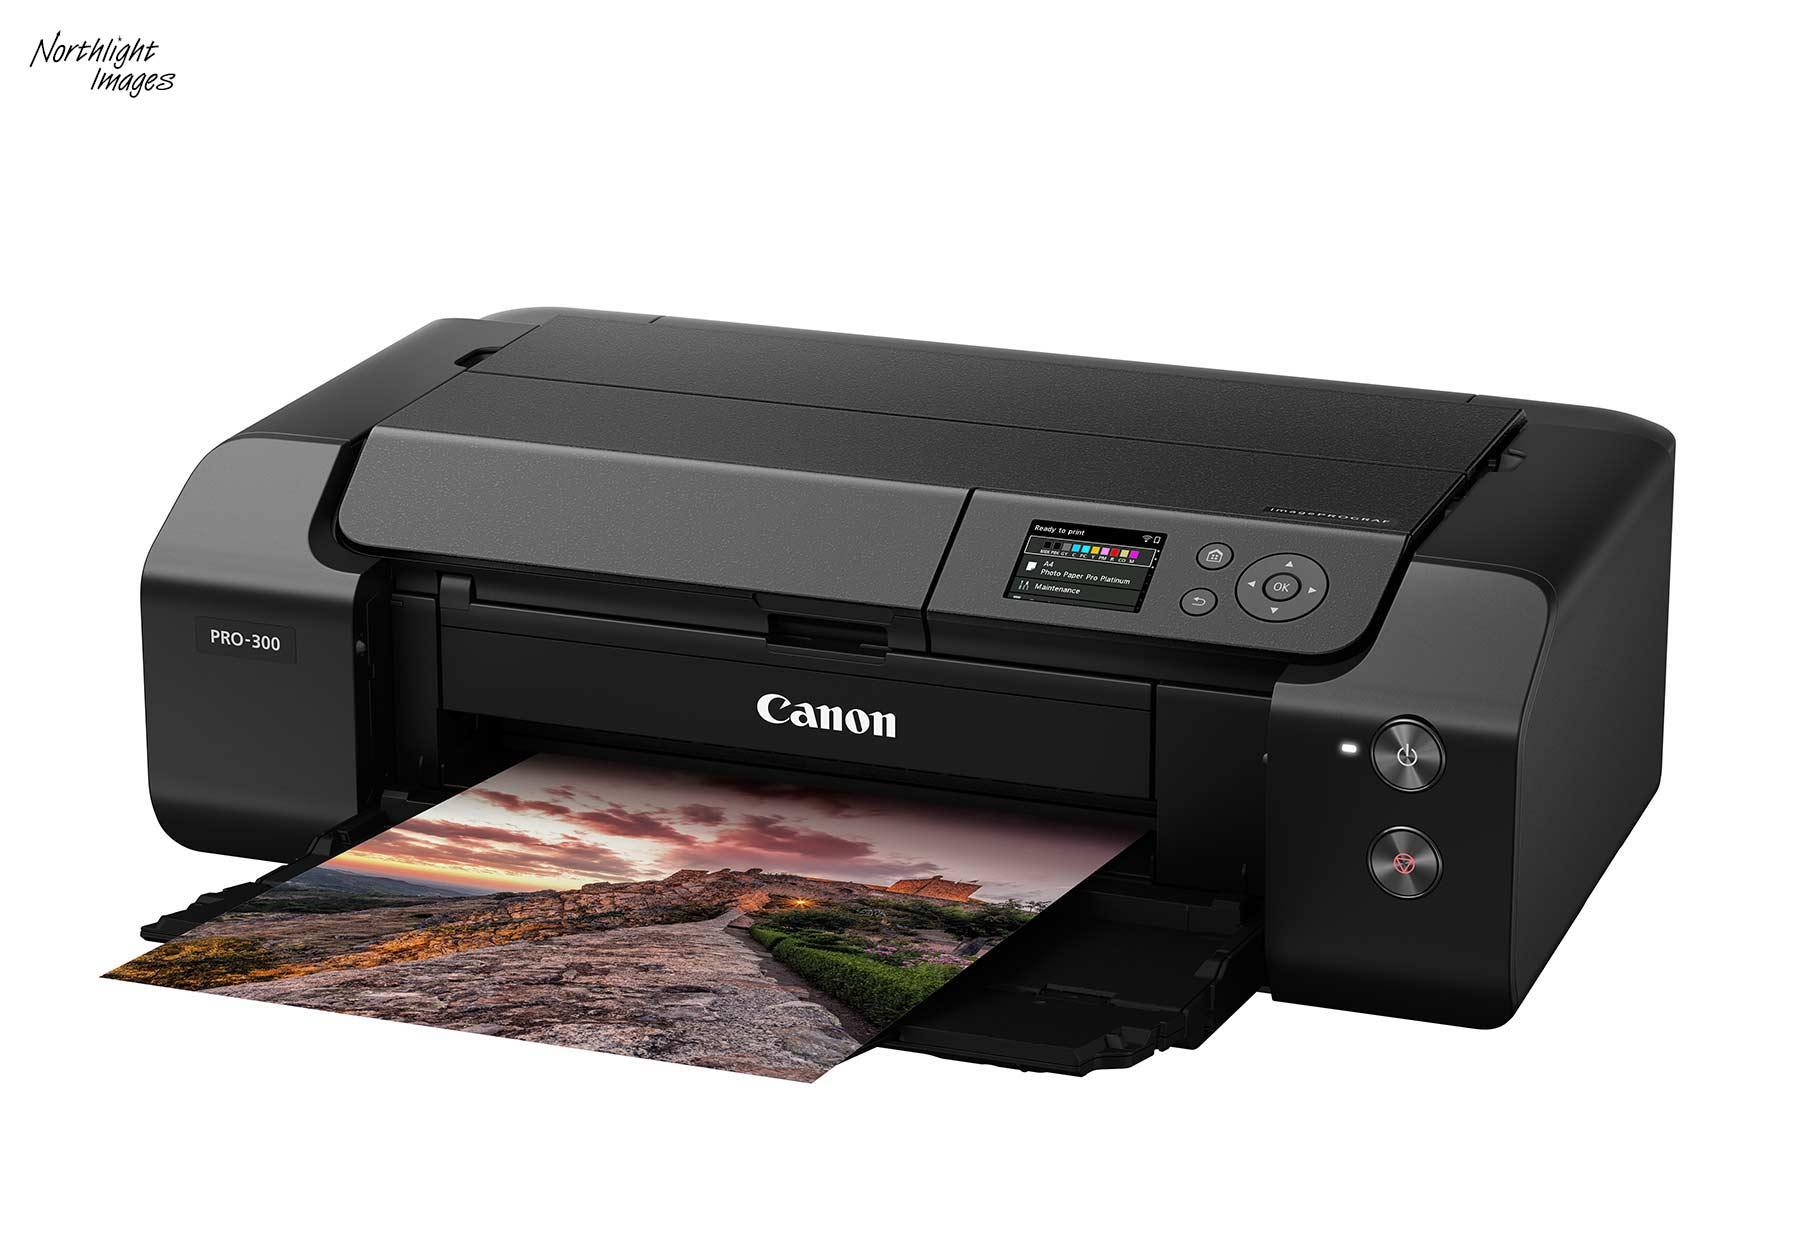 Canon pro-300 printer